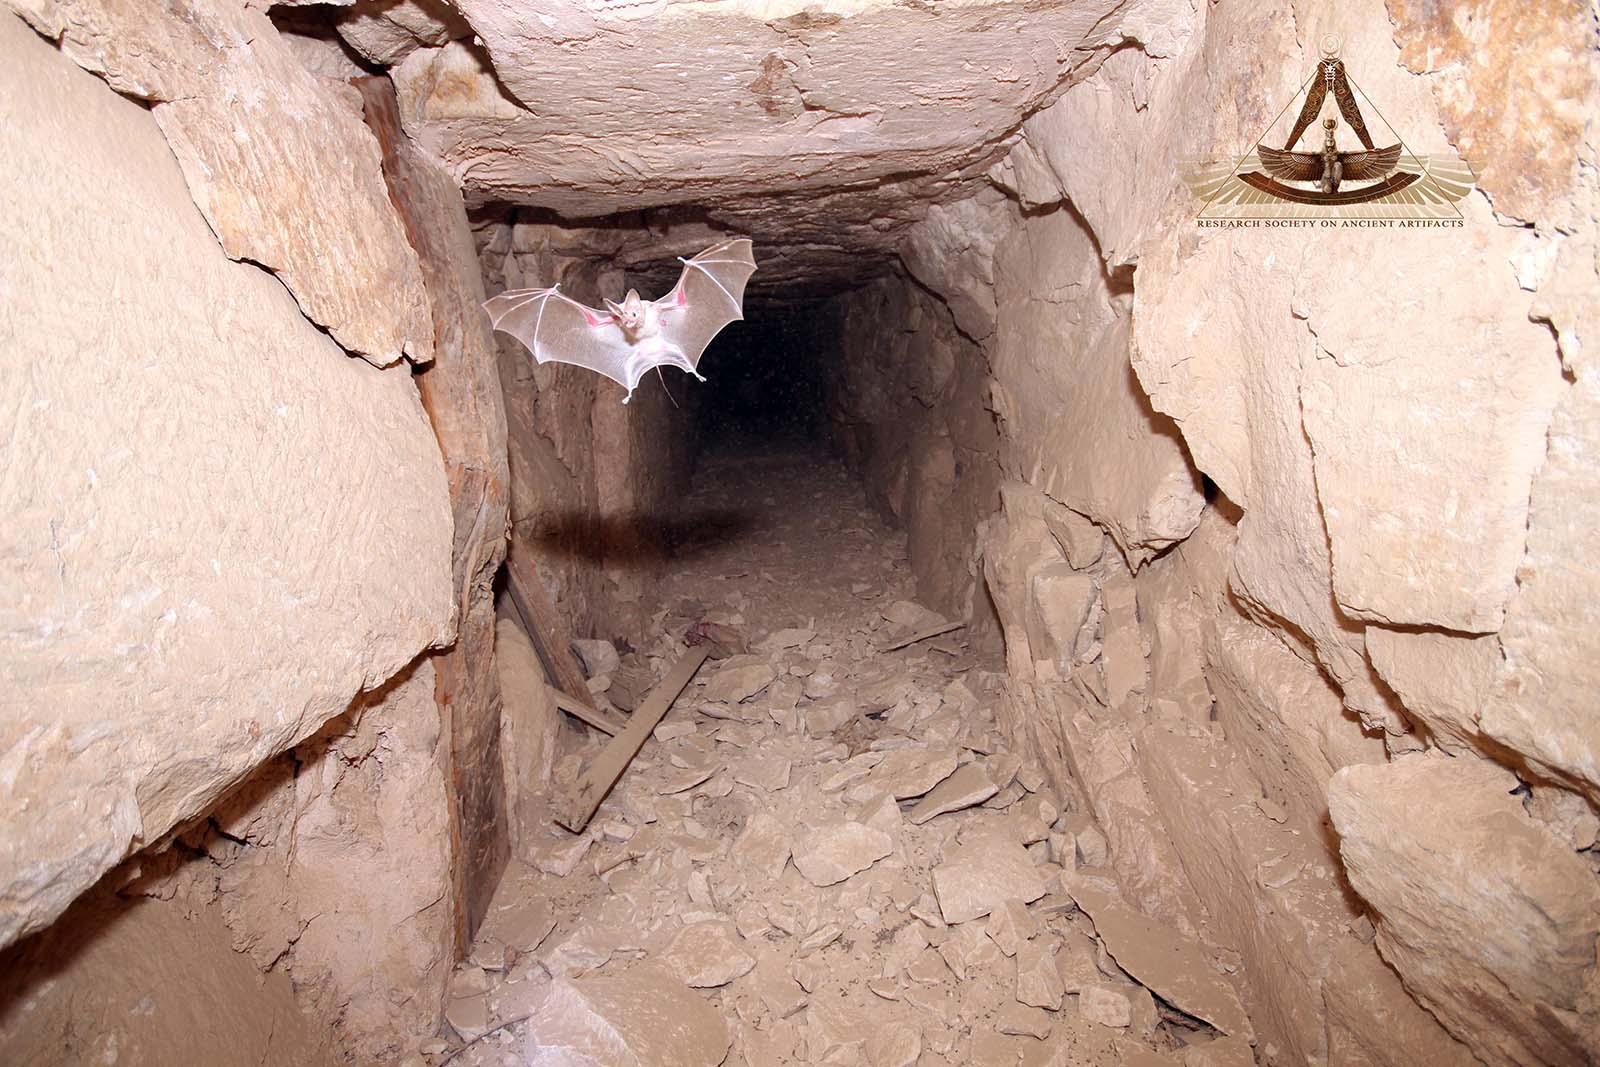 страстное, что находится в пирамидах египта фото морфологические изменения